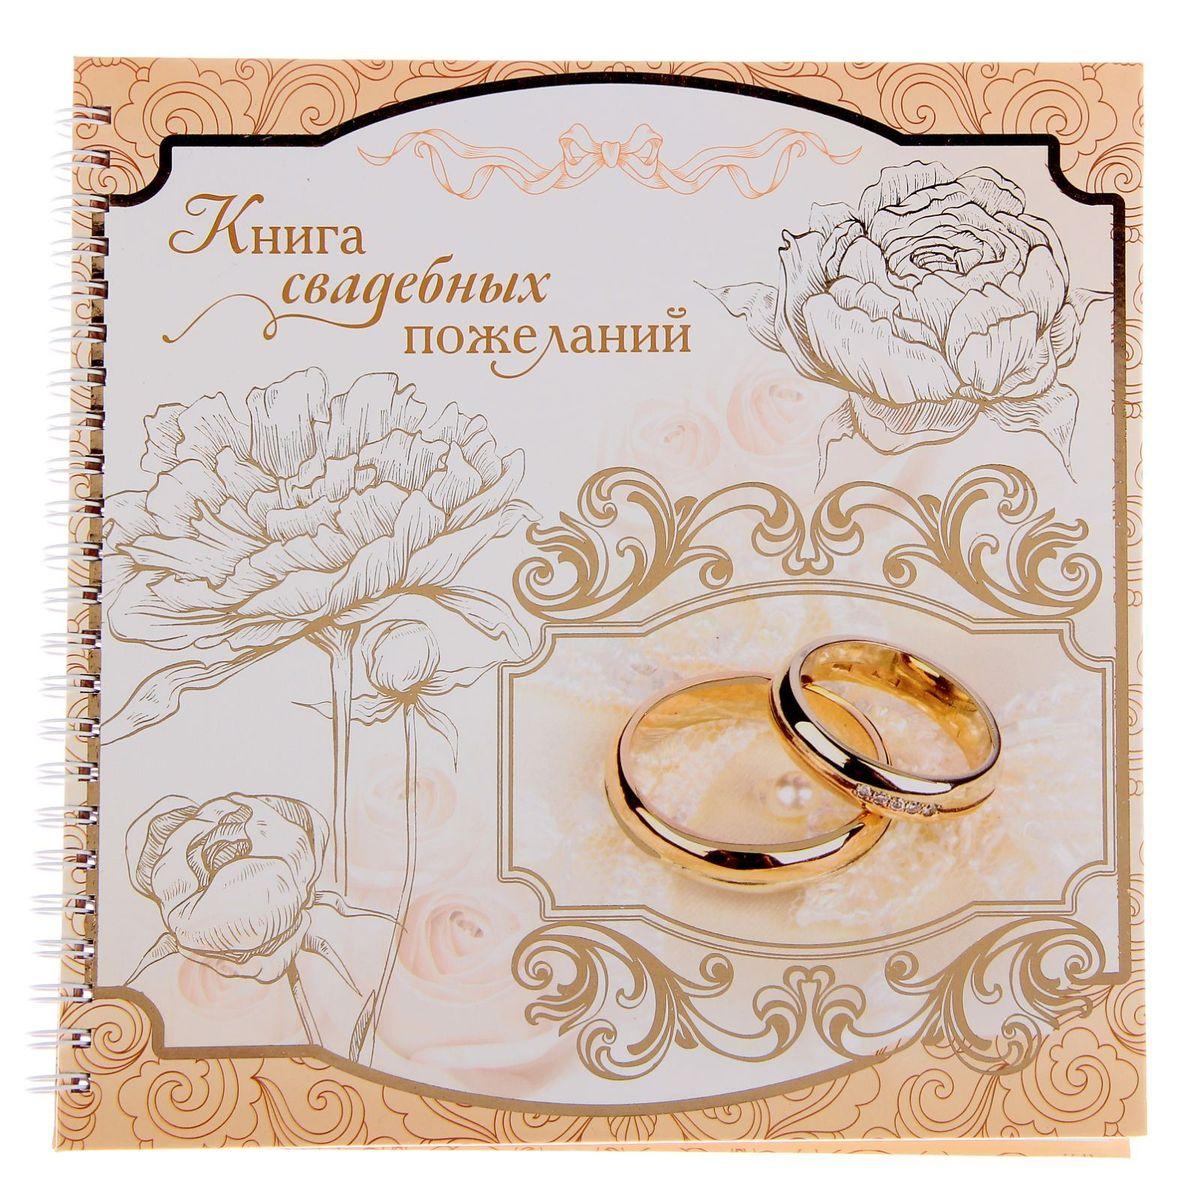 Sima-land Книга свадебных пожеланий Быть всегда друг с другом...  на пружине, 40л., 21,7 х 21 см5055398636121Теперь добрые слова и светлые поздравления останутся с вами на всю жизнь. Через много лет, перечитывая эту чудесную книгу, вы вместе со своей половинкой будете с улыбкой вспоминать о самом счастливом дне в вашей жизни. Сохраните счастливые воспоминания на долгие годы!